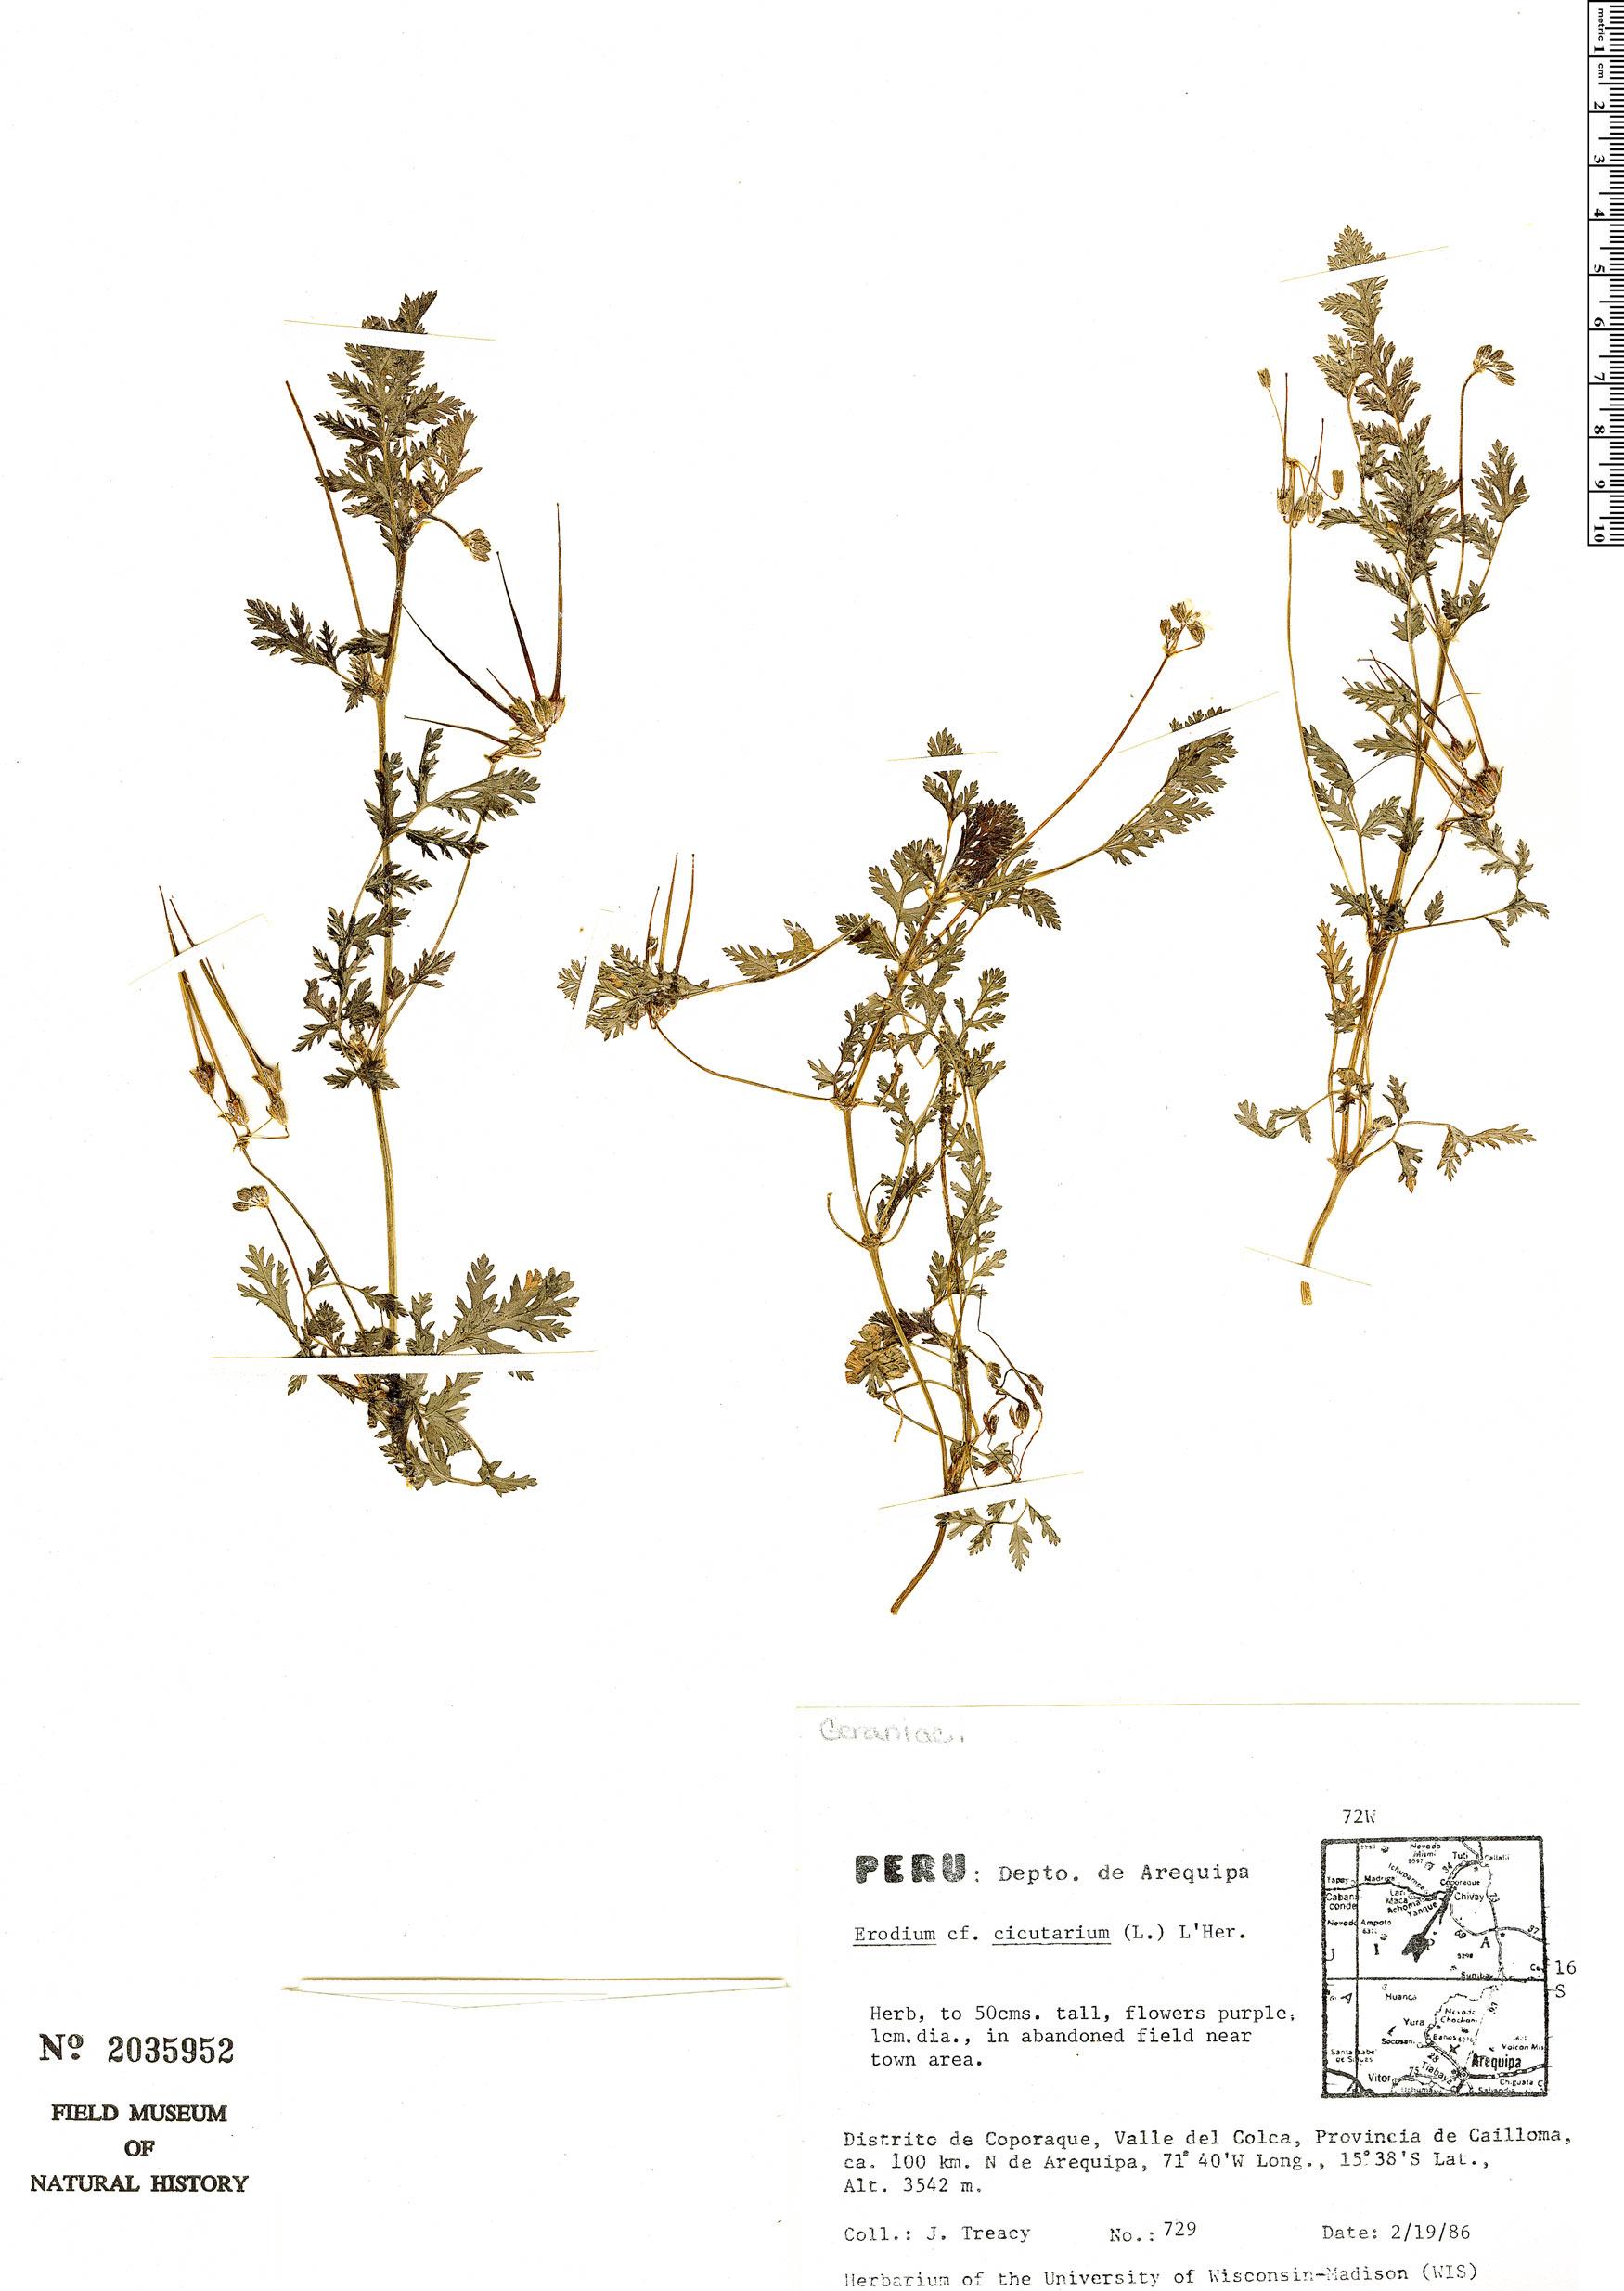 Specimen: Erodium cicutarium